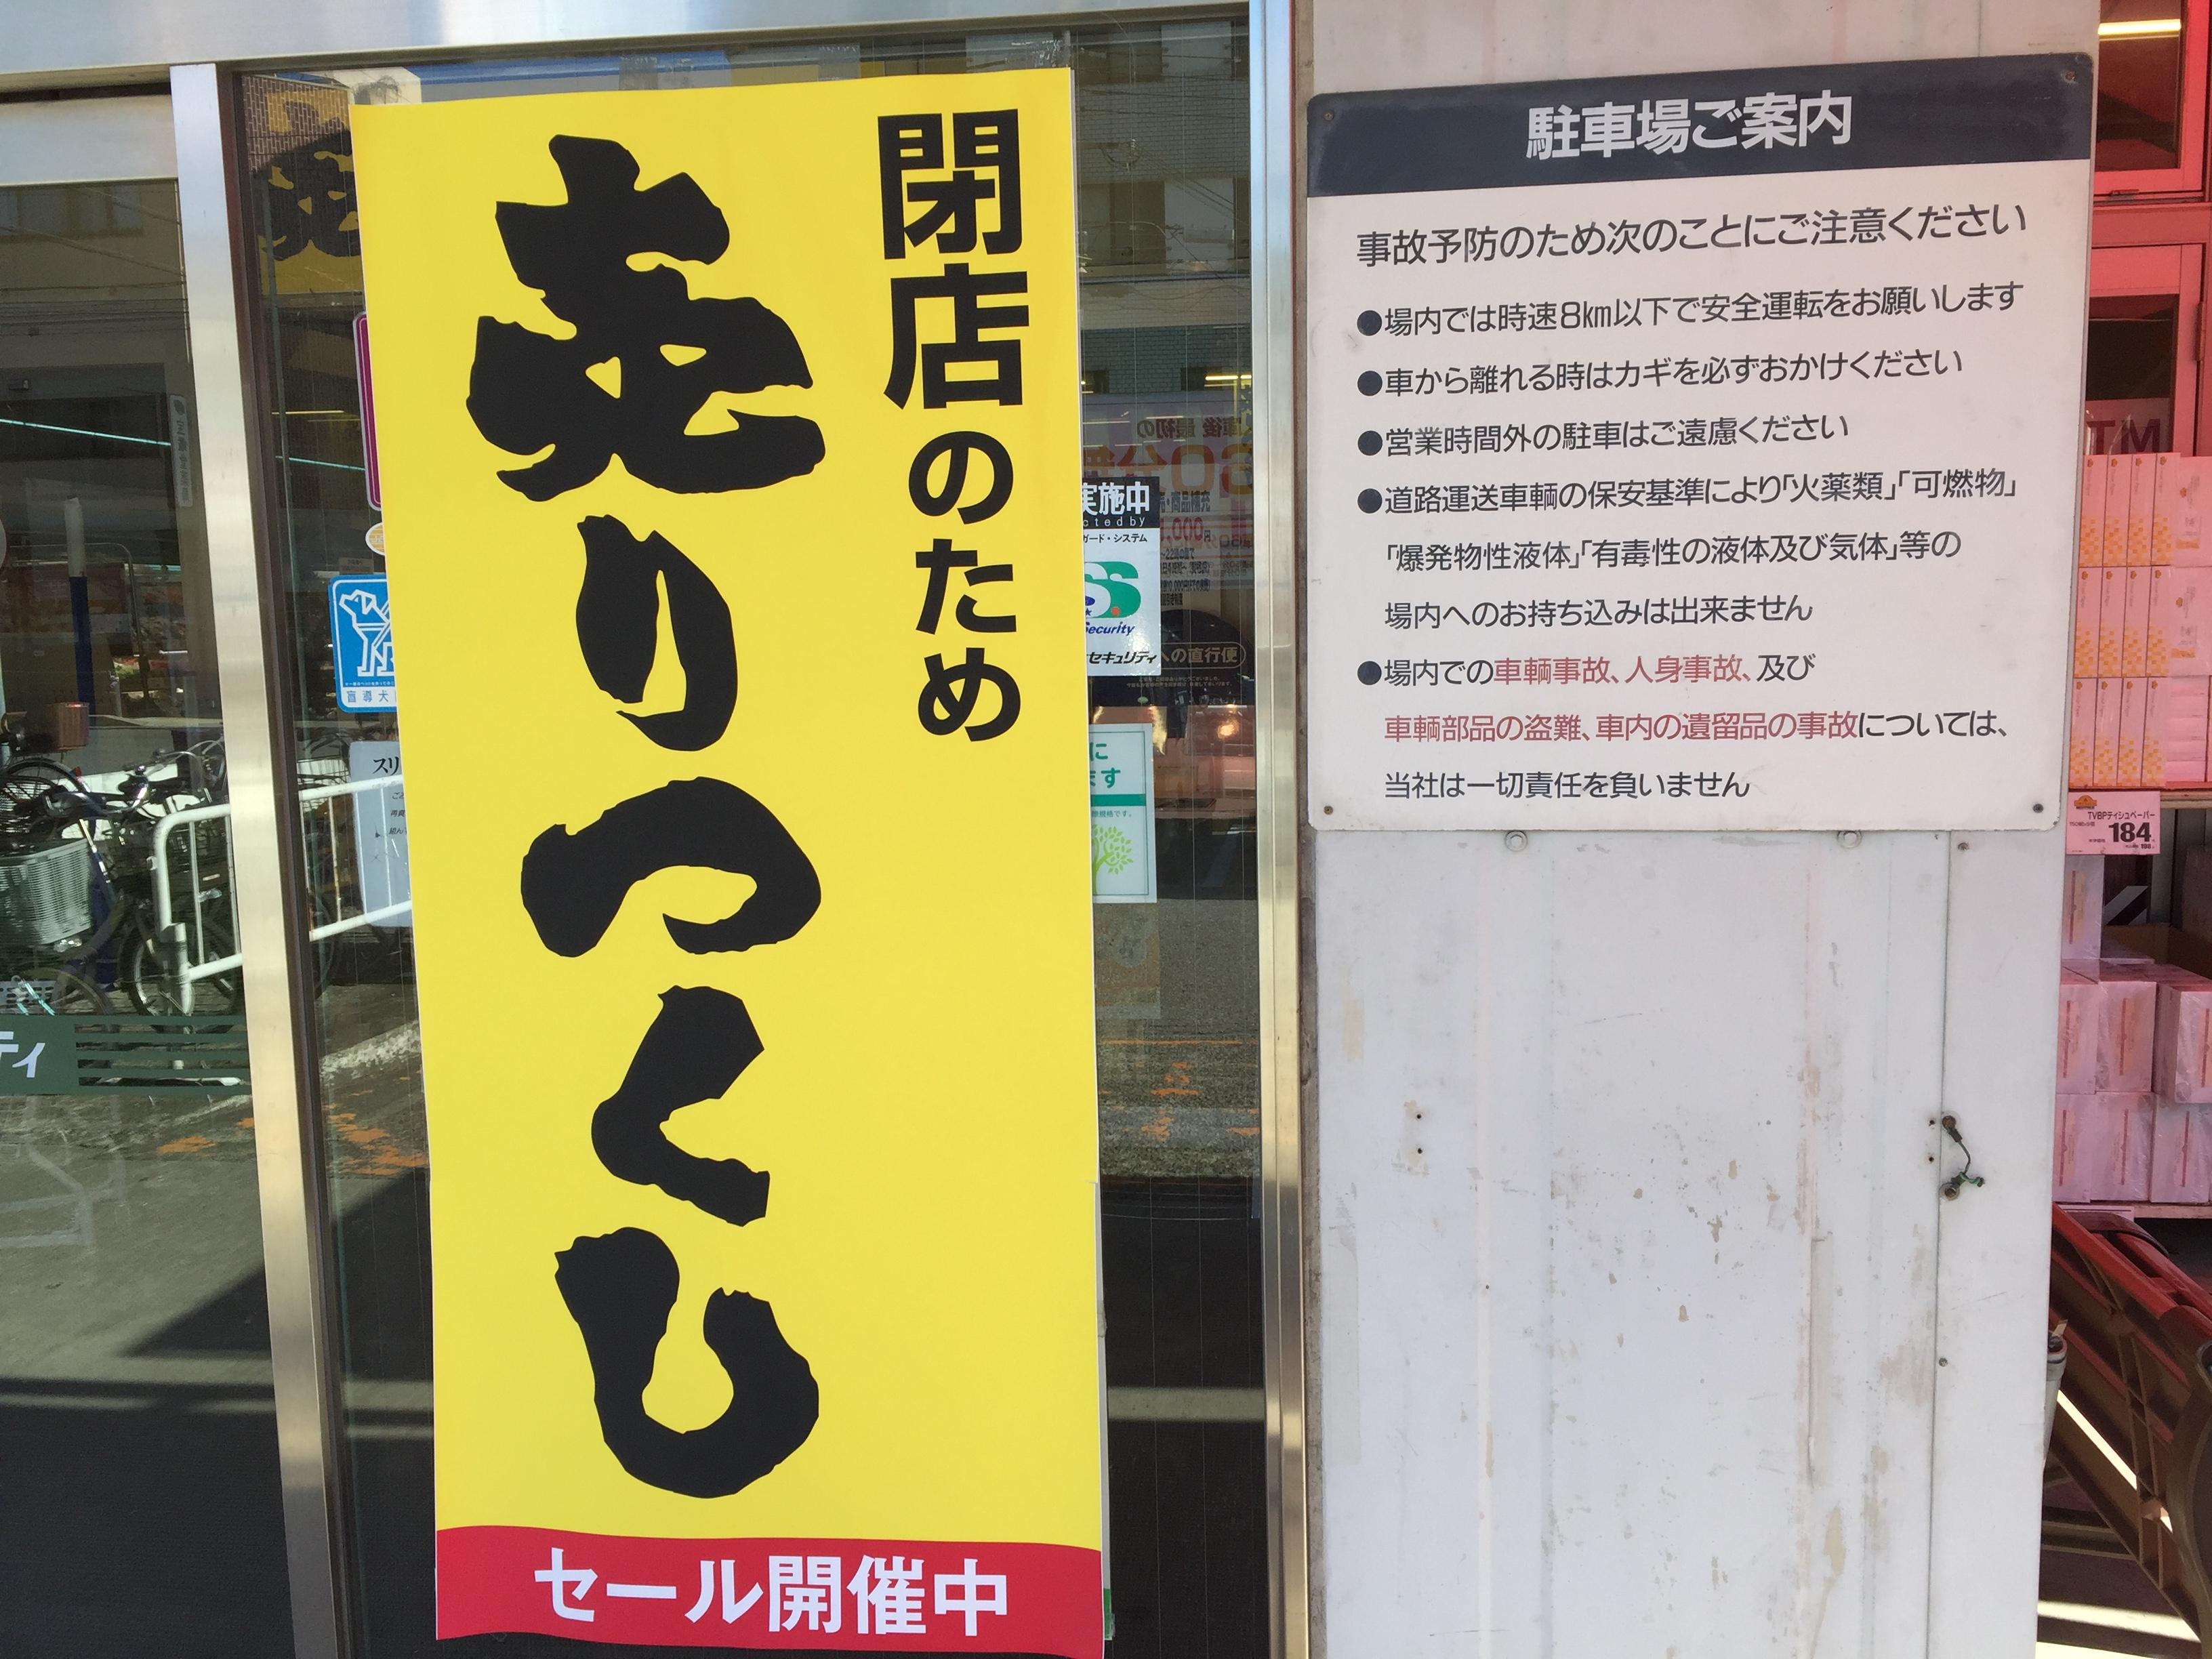 神戸・住吉の「ダイエーグルメシティ住吉店」が2017年1月31日(火)で閉店するよ【※閉店売りつくしセールの開催】